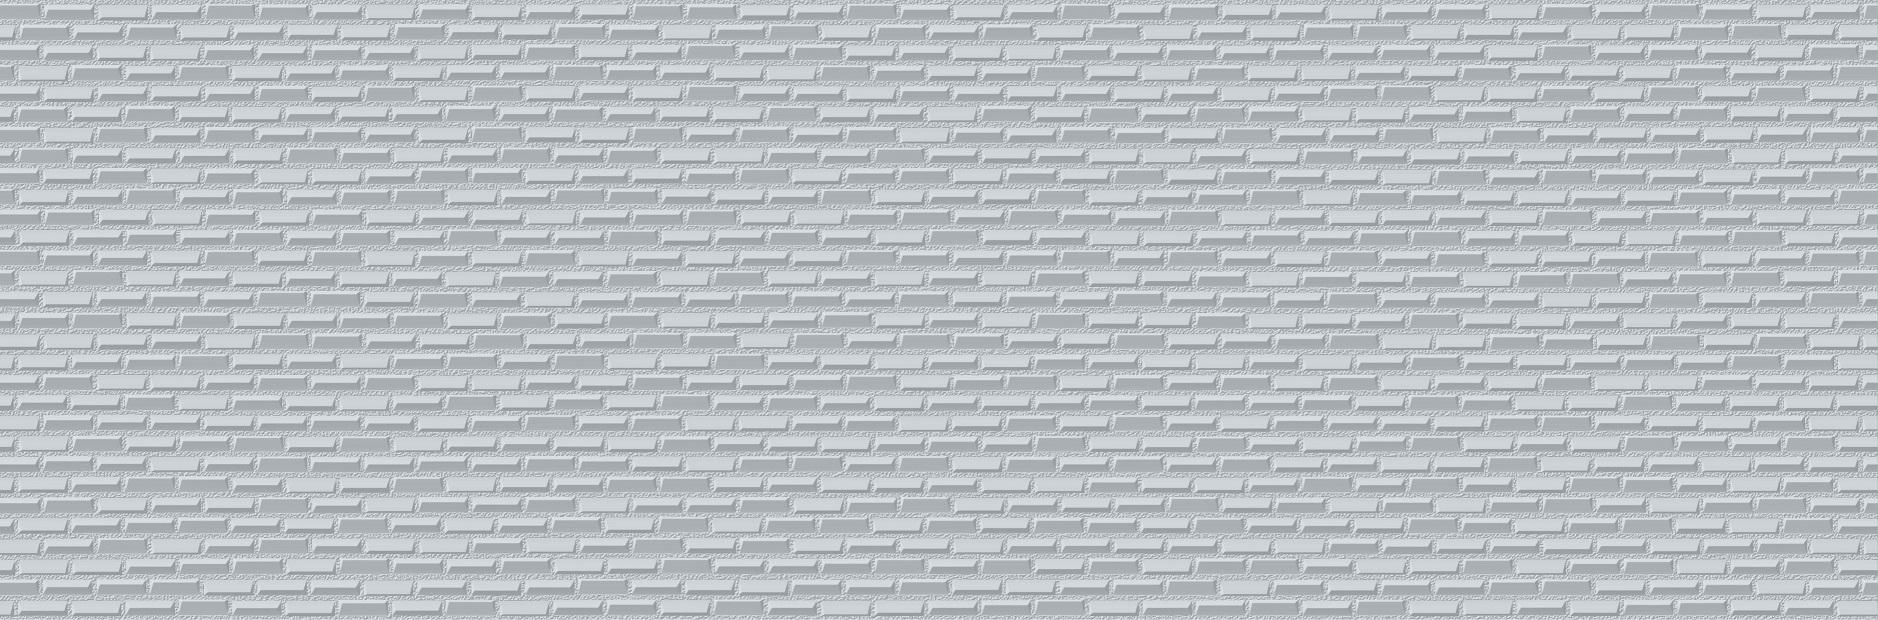 Купить Керамическая плитка Emigres Fan Kite Azul Rect. настенная 25x75, Испания